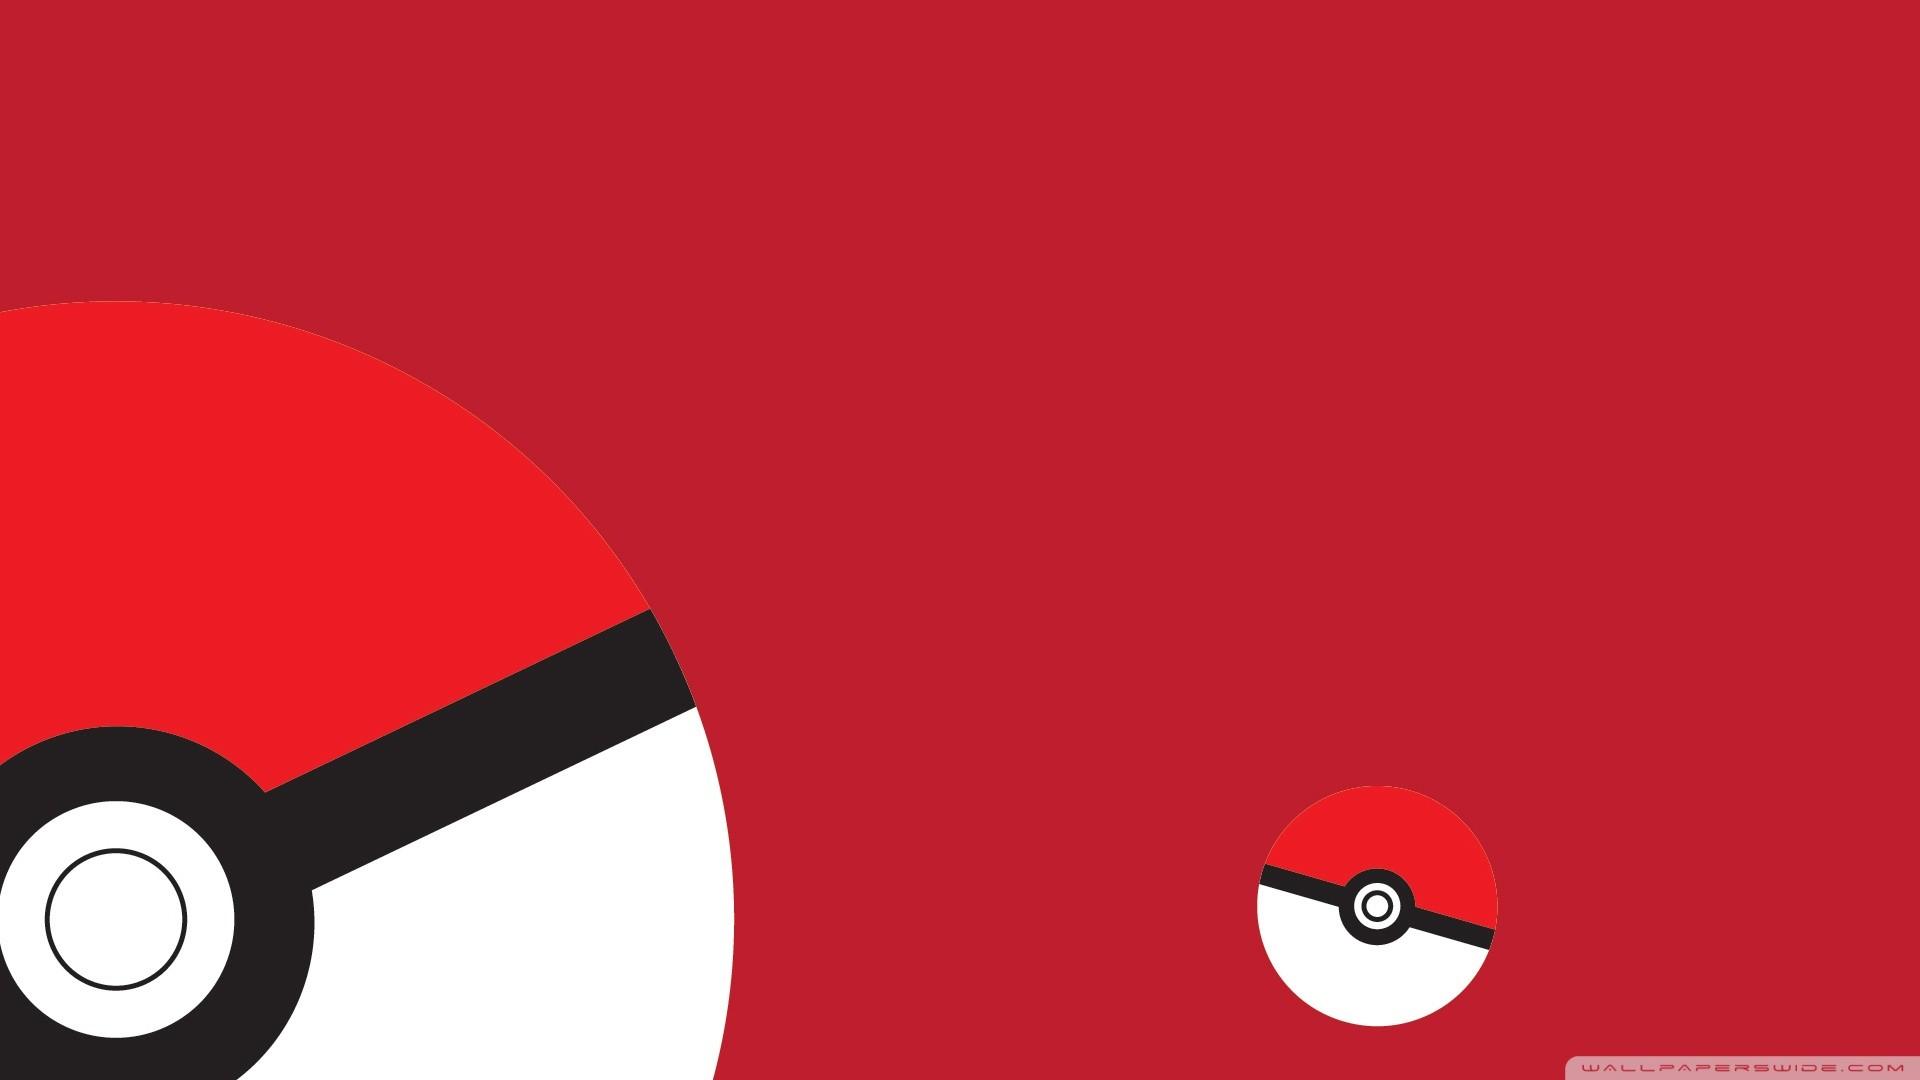 Pokemon Wallpapers x Wallpaper